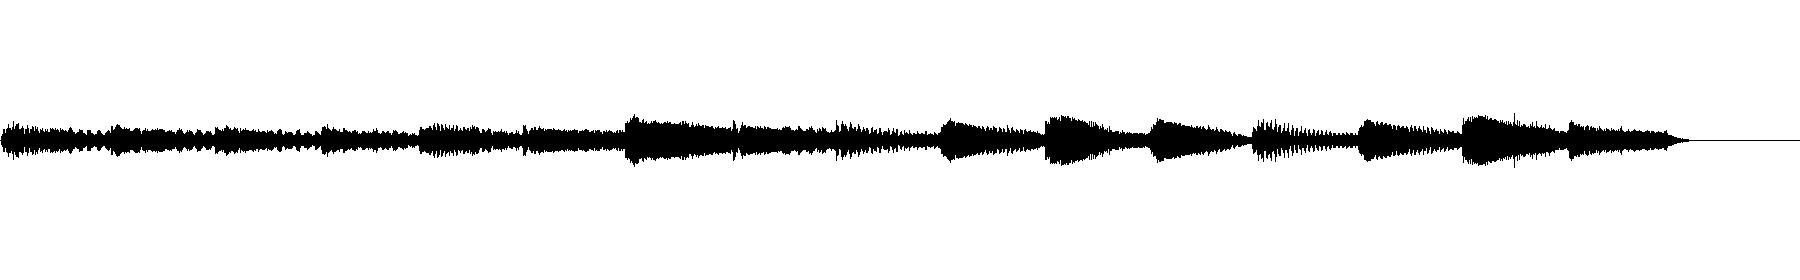 guitar loop 107bpm